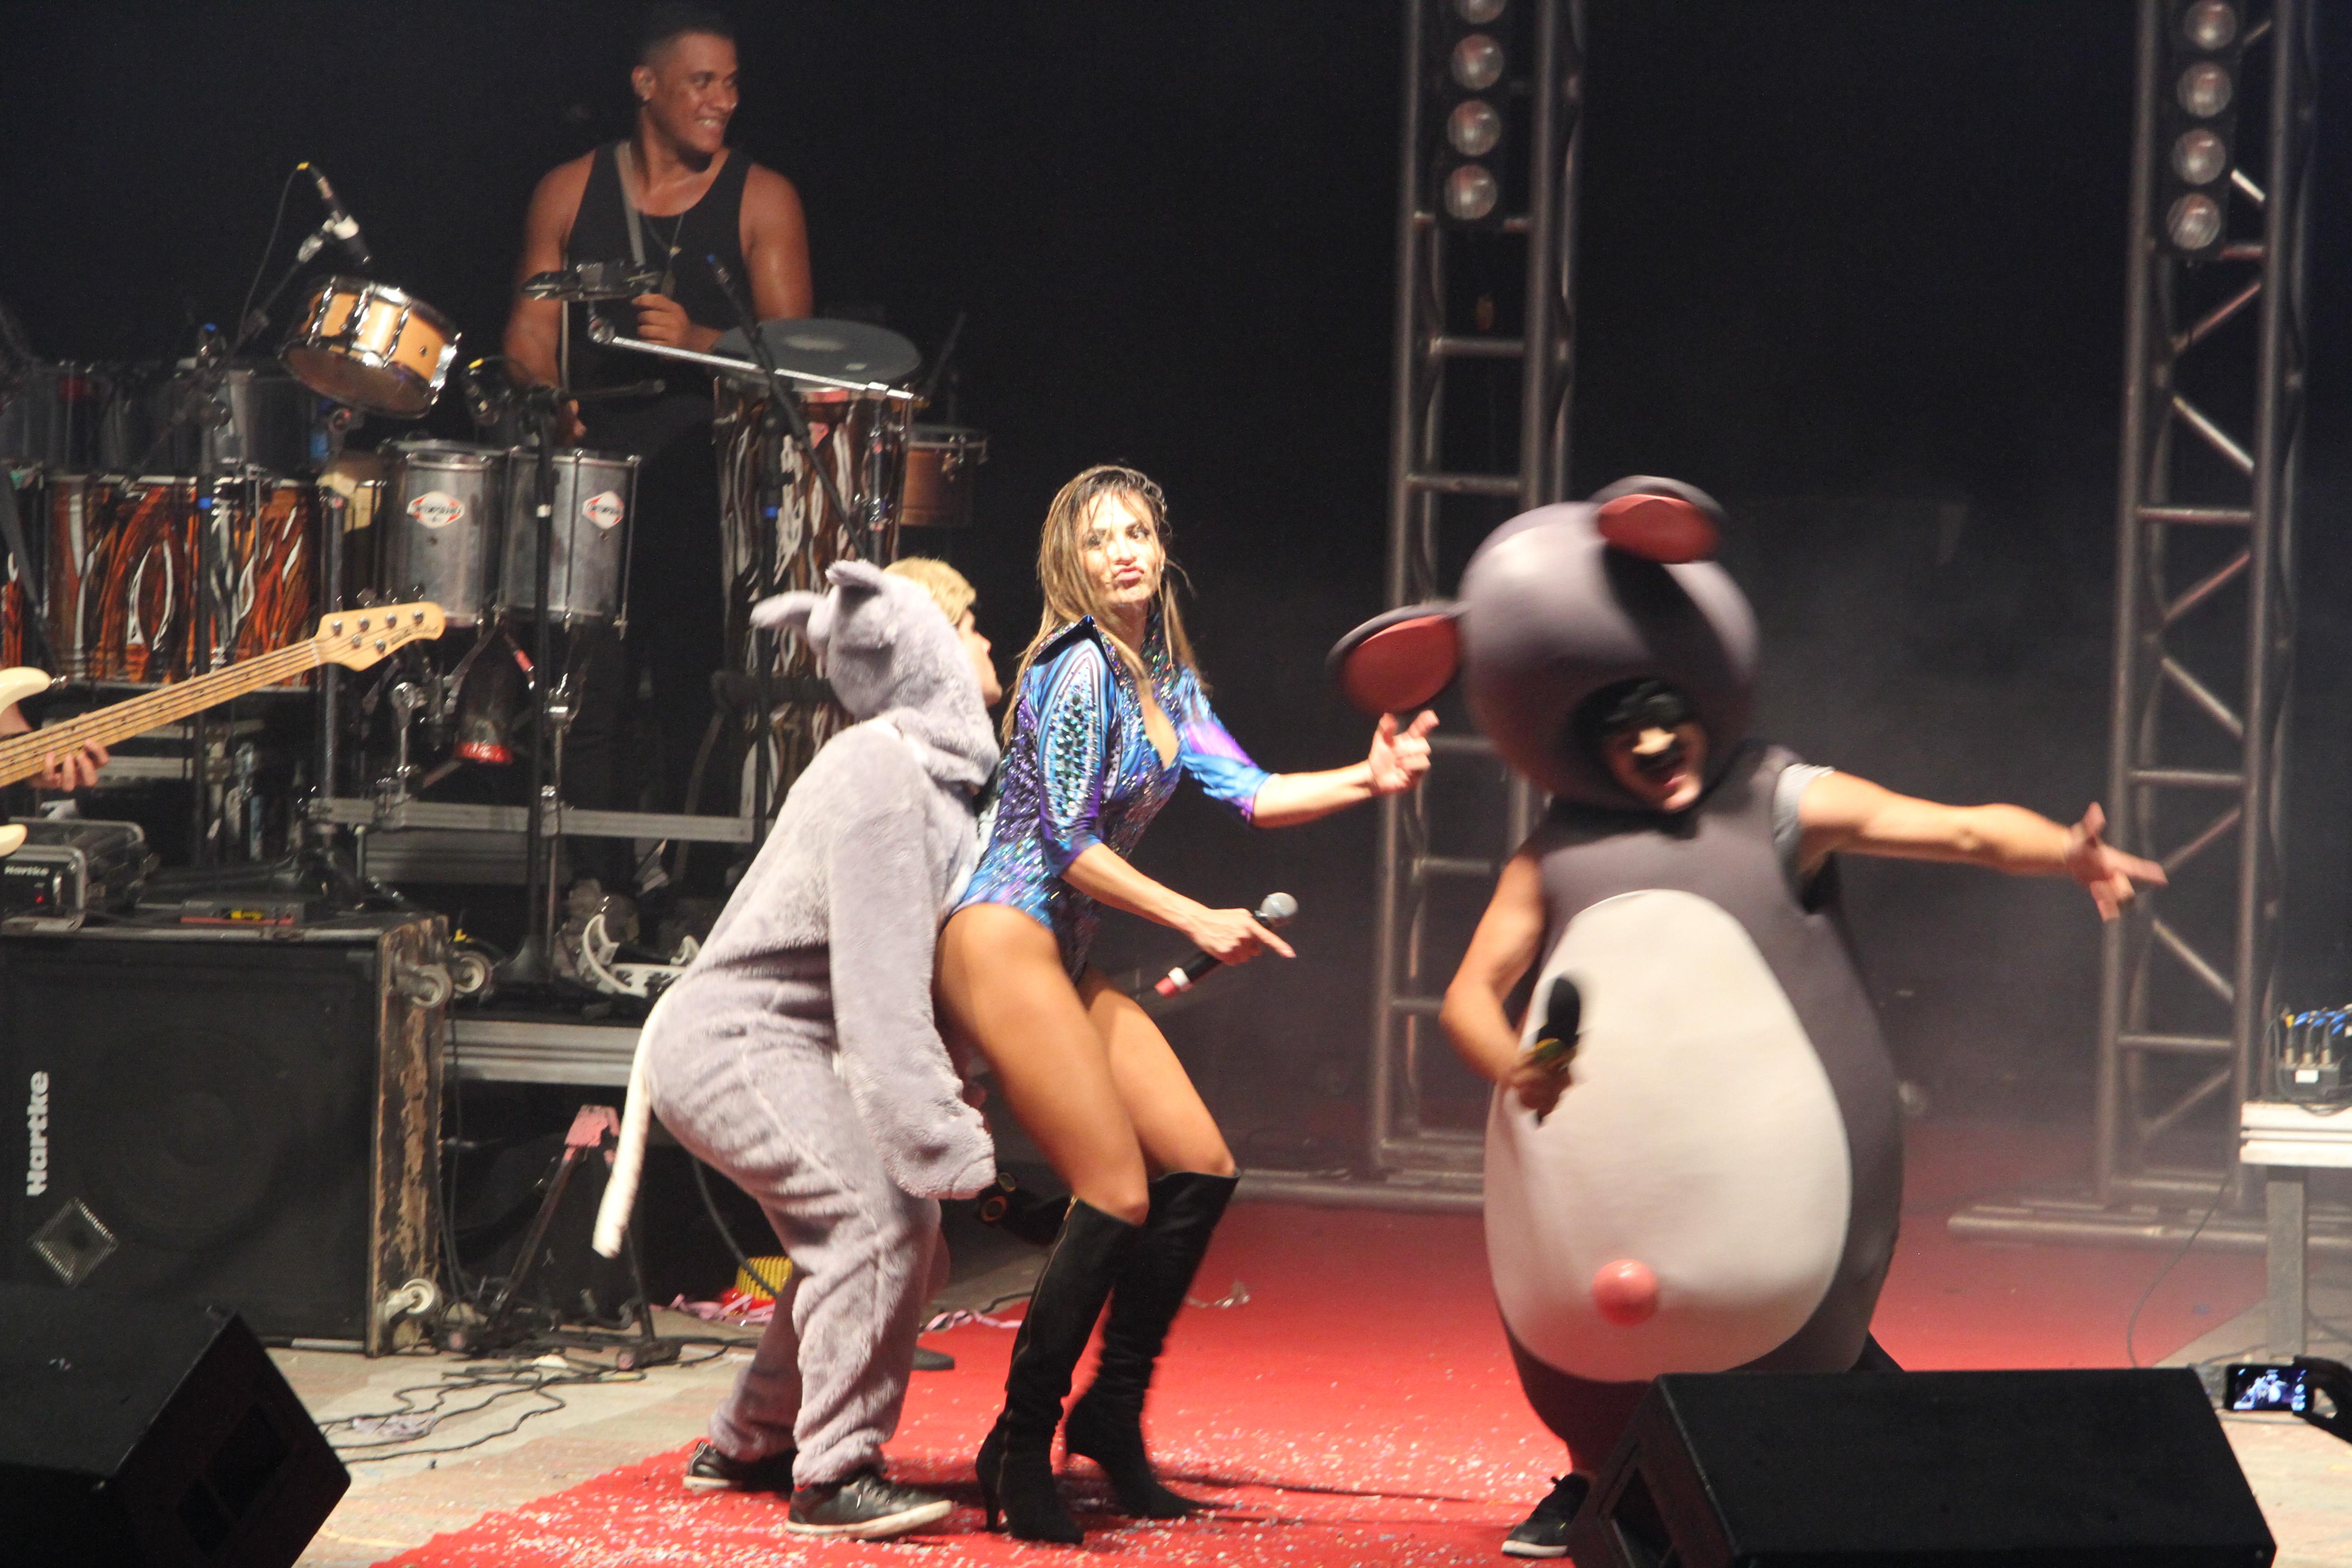 Equipe do Pânico no palco com Alinne Rosa - Crédito: Nando Chiappetta/DP